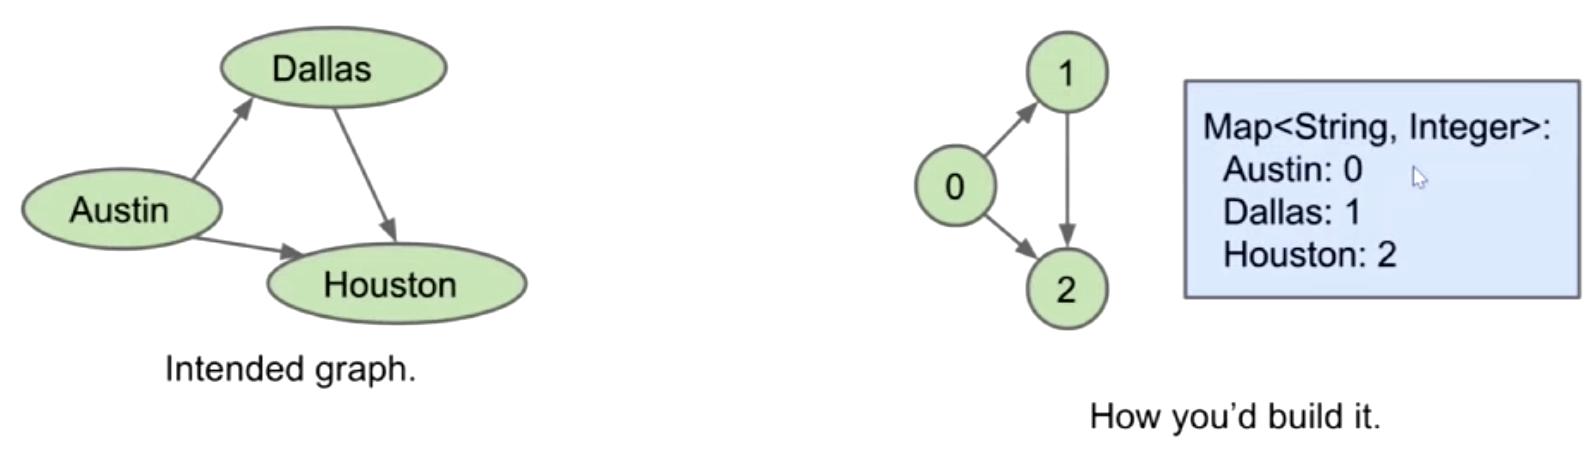 Integer Vertices